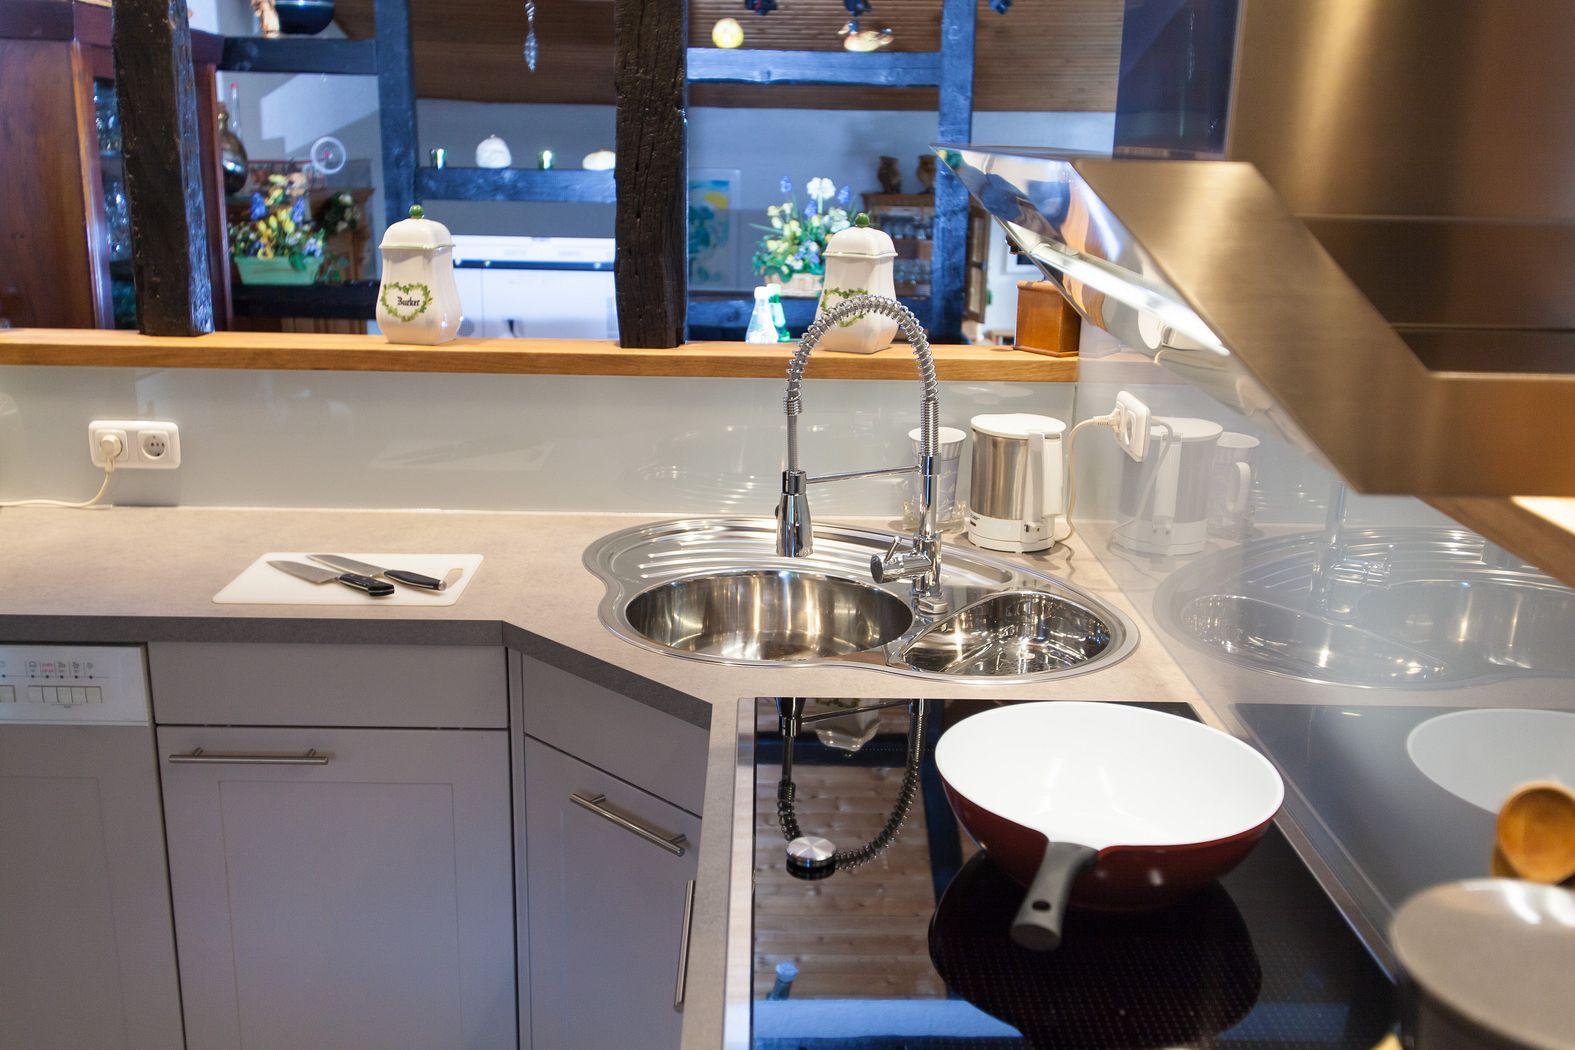 moderne k che im 150 jahre alten fachwerk haus k chenhaus thiemann overath vilkerath. Black Bedroom Furniture Sets. Home Design Ideas